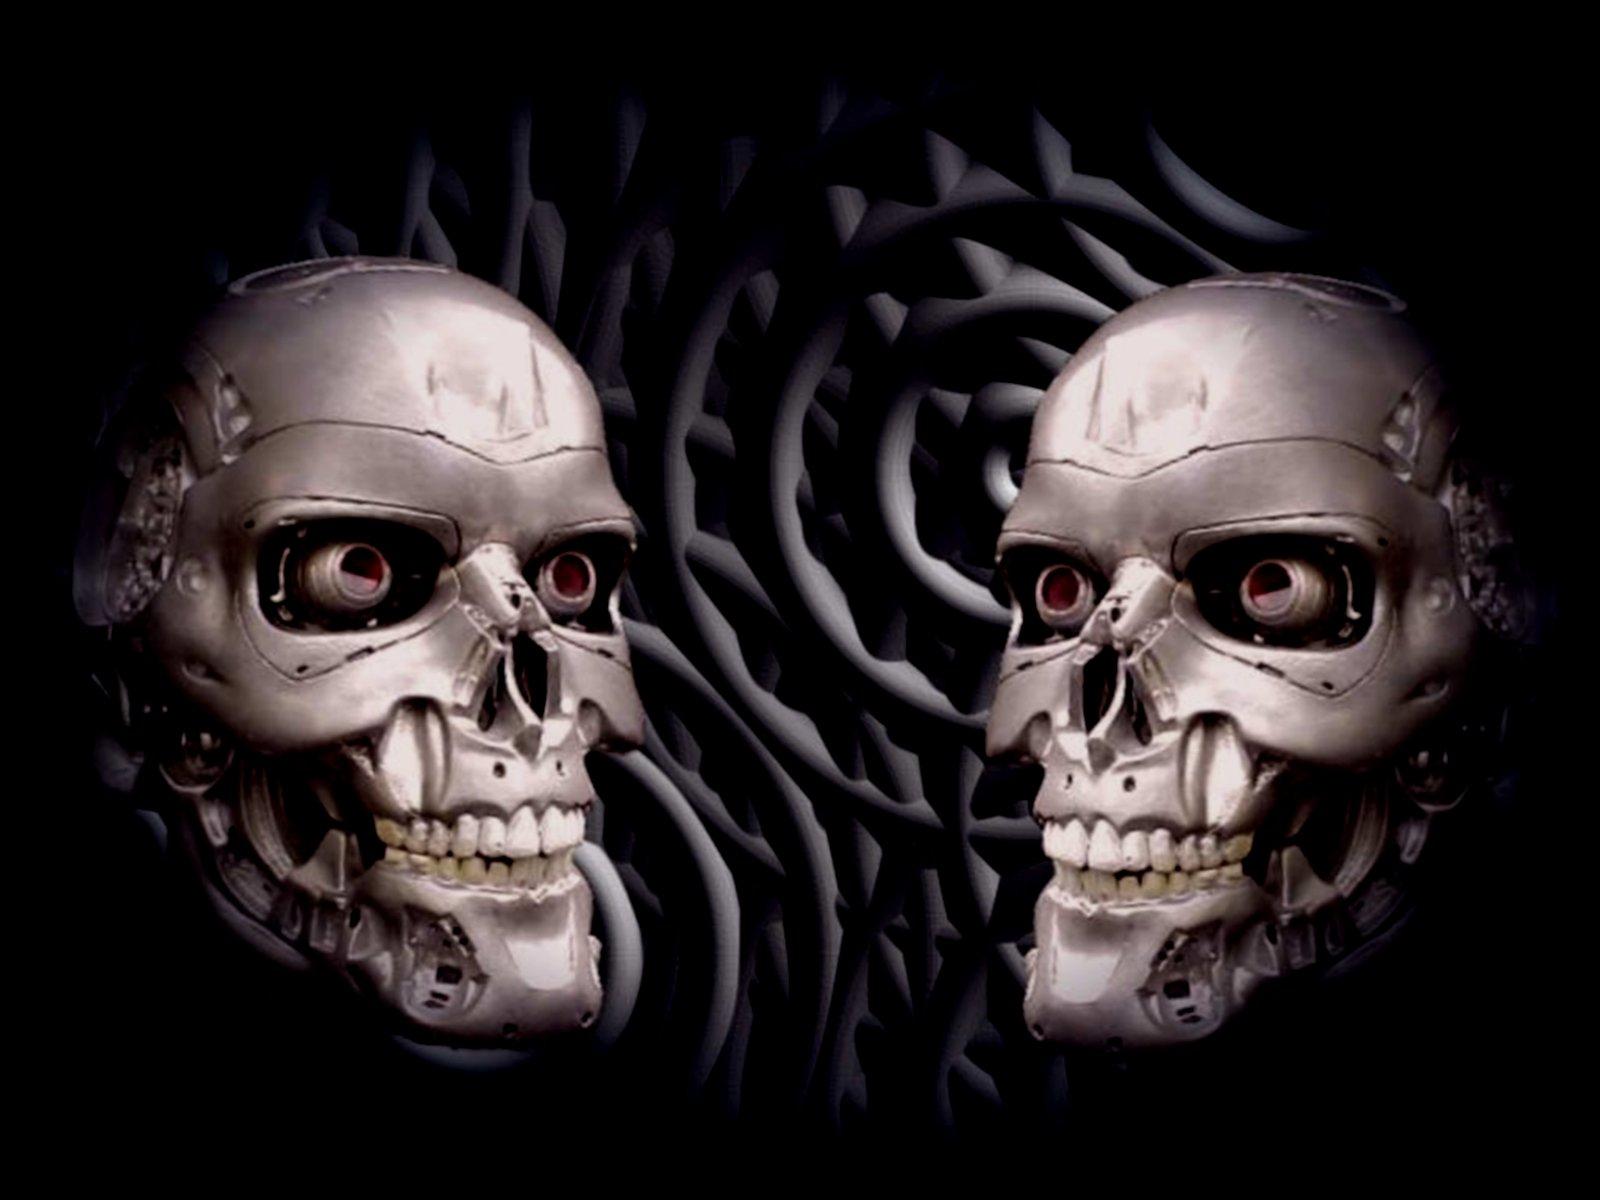 картинки классных черепов встречается часто, возможно